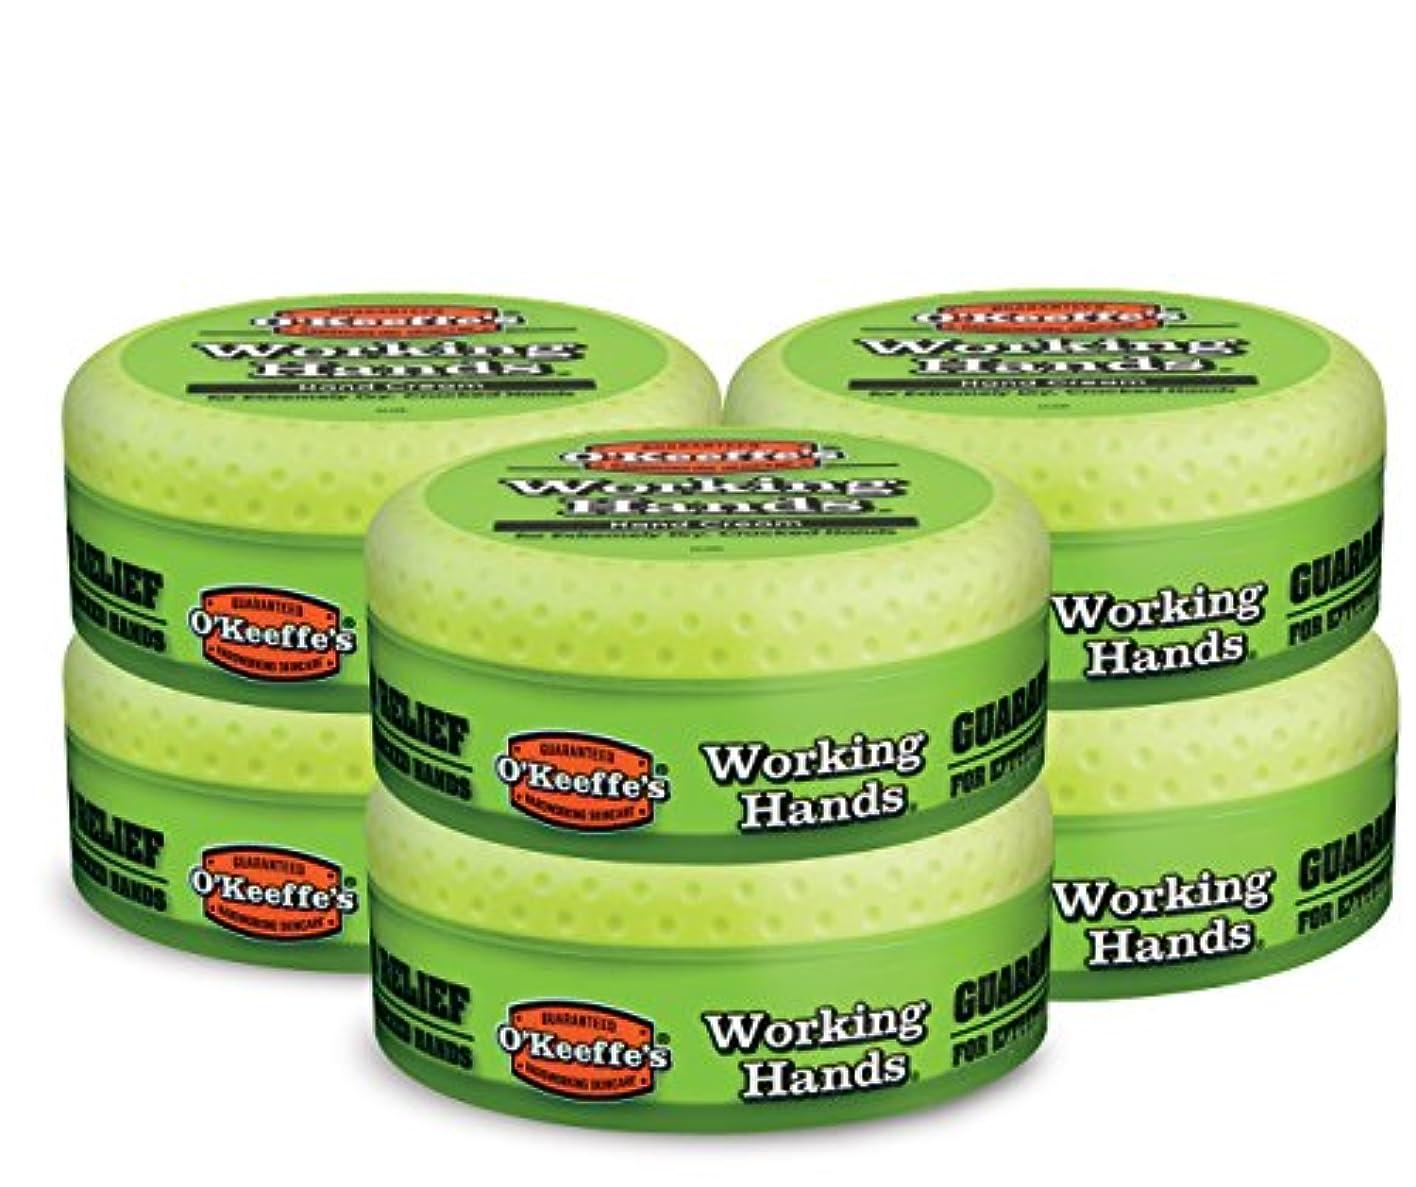 学部中庭請求可能O ' Keeffe 's Working Hands Hand Cream, 3.4オンス、Jar 6- Pack K0350002-6 6